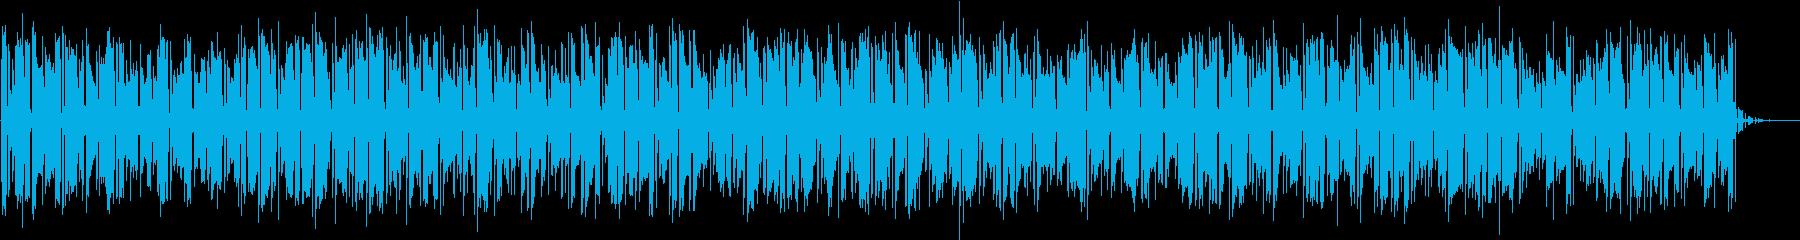 シーケンス Glitchyベースシ...の再生済みの波形